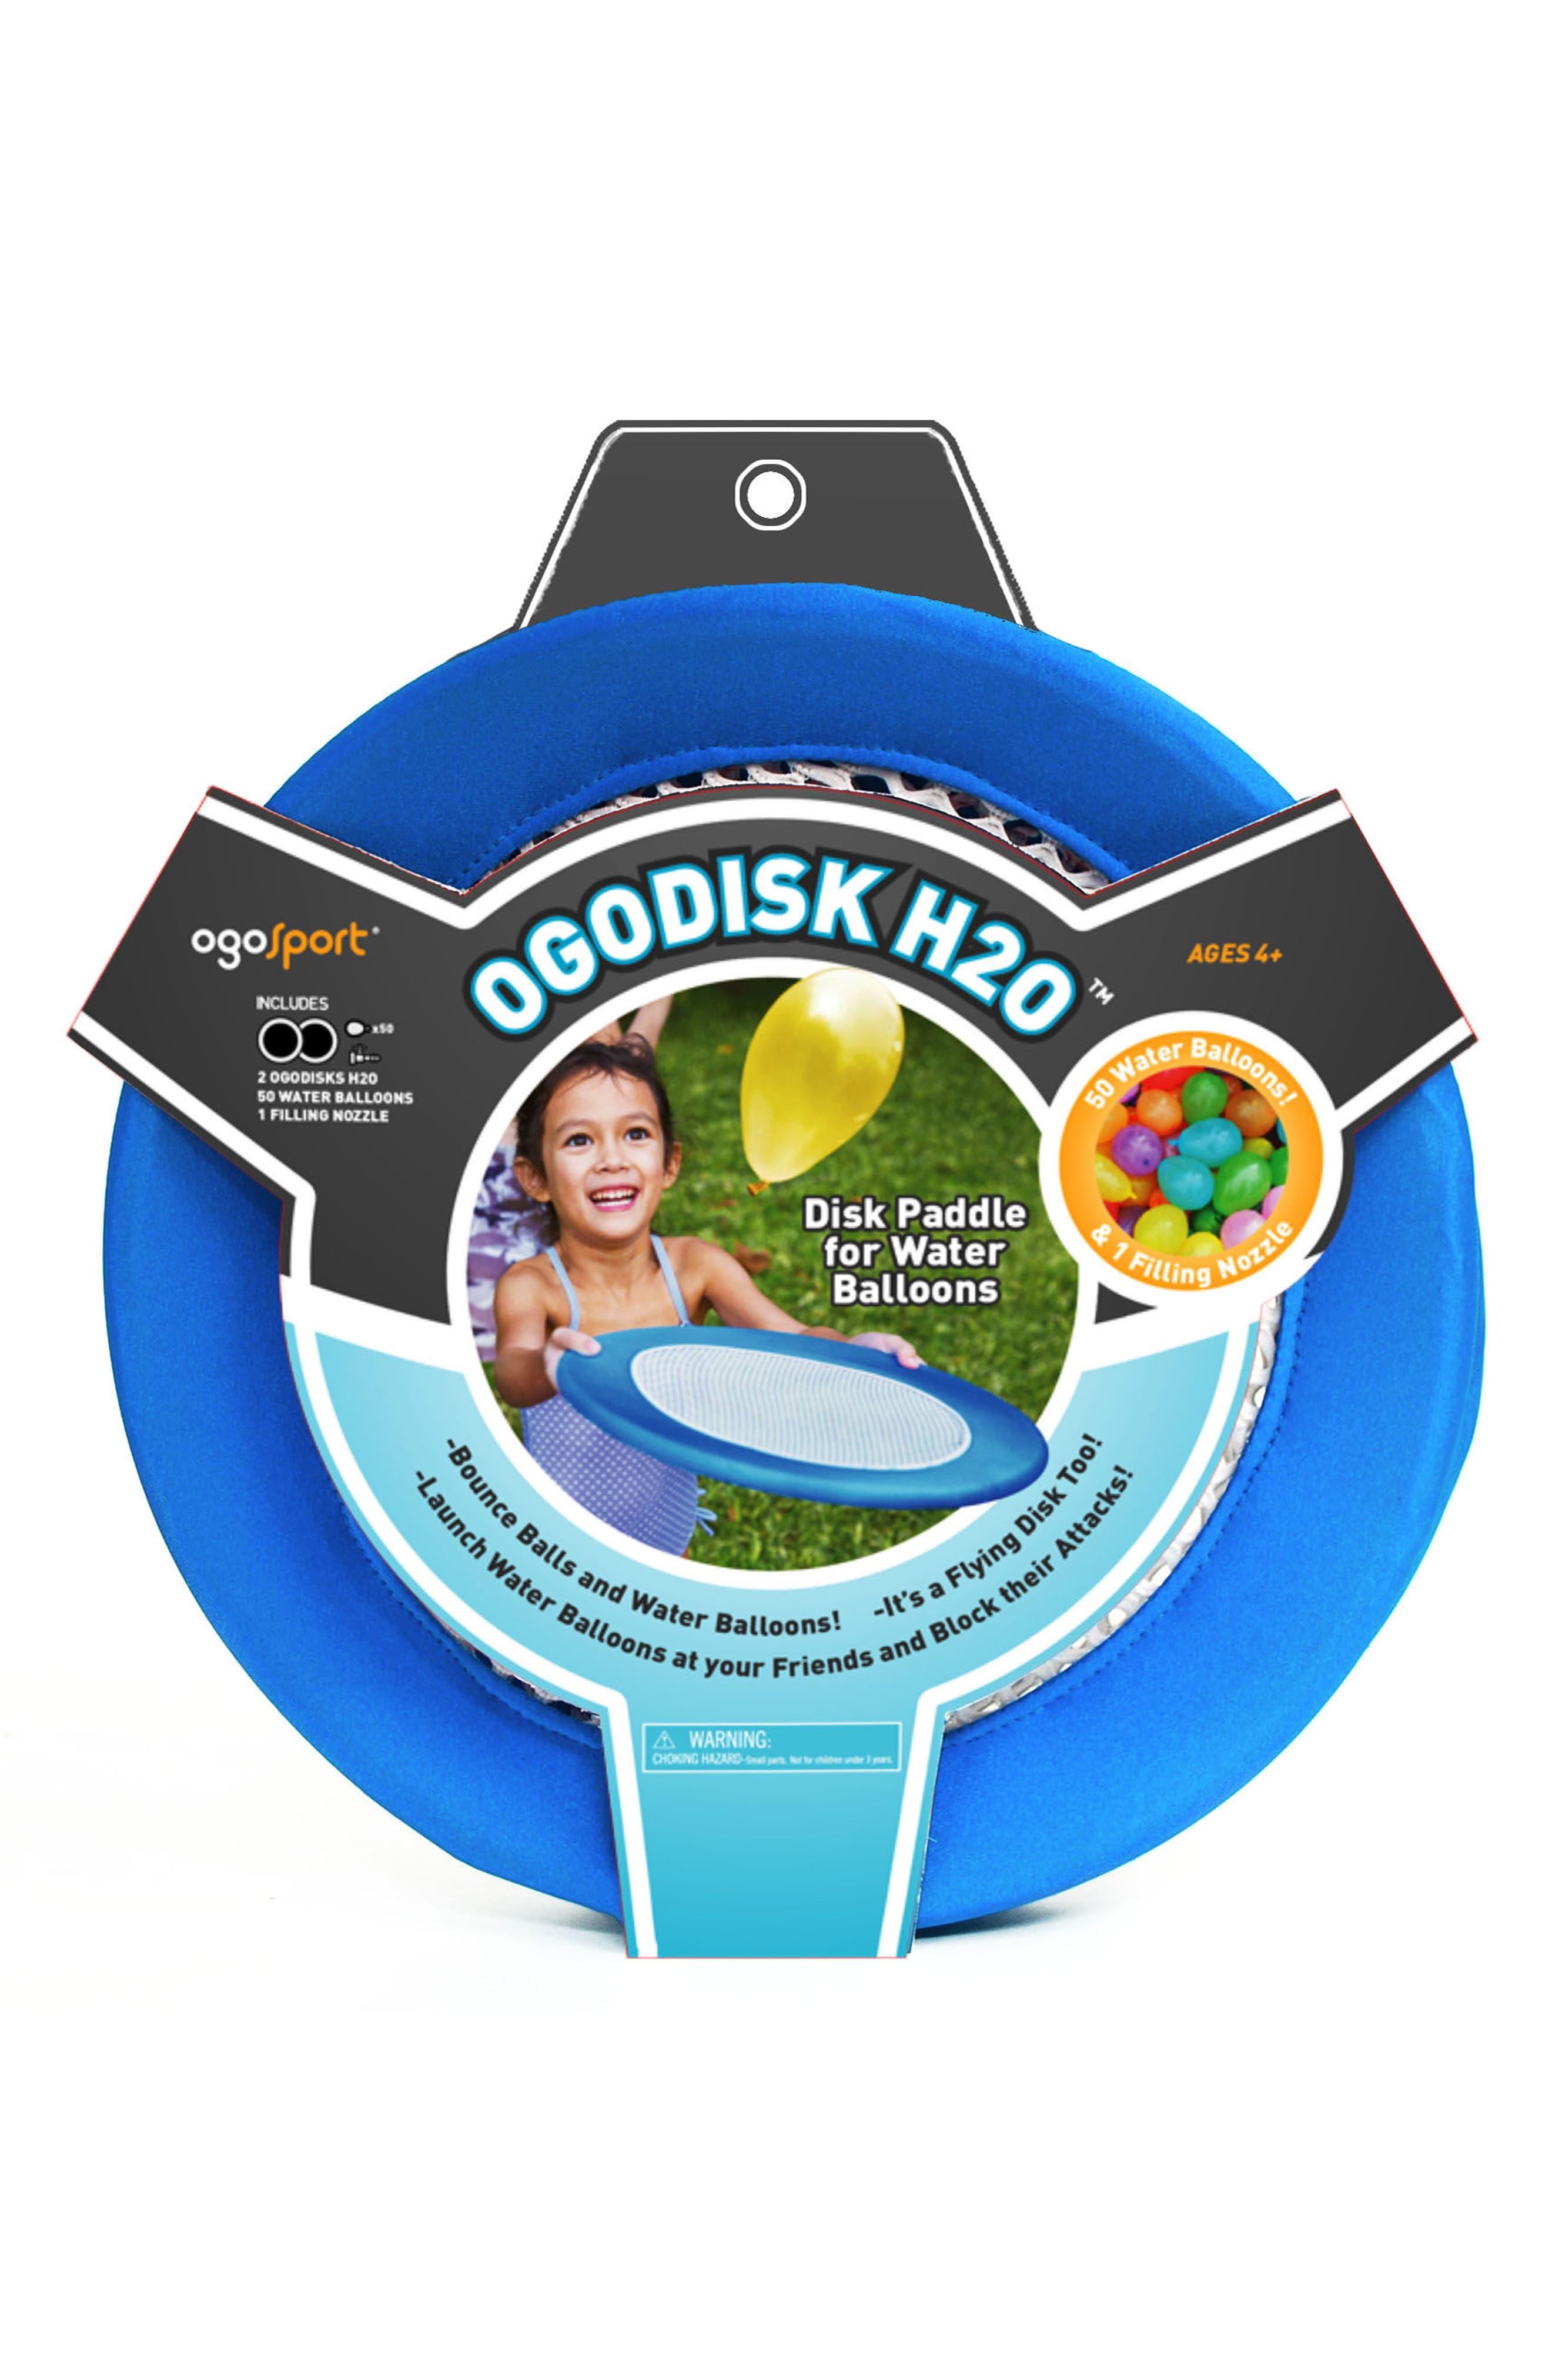 OgoDisk H2O Water Ballon Bouncer Game,                             Main thumbnail 1, color,                             499